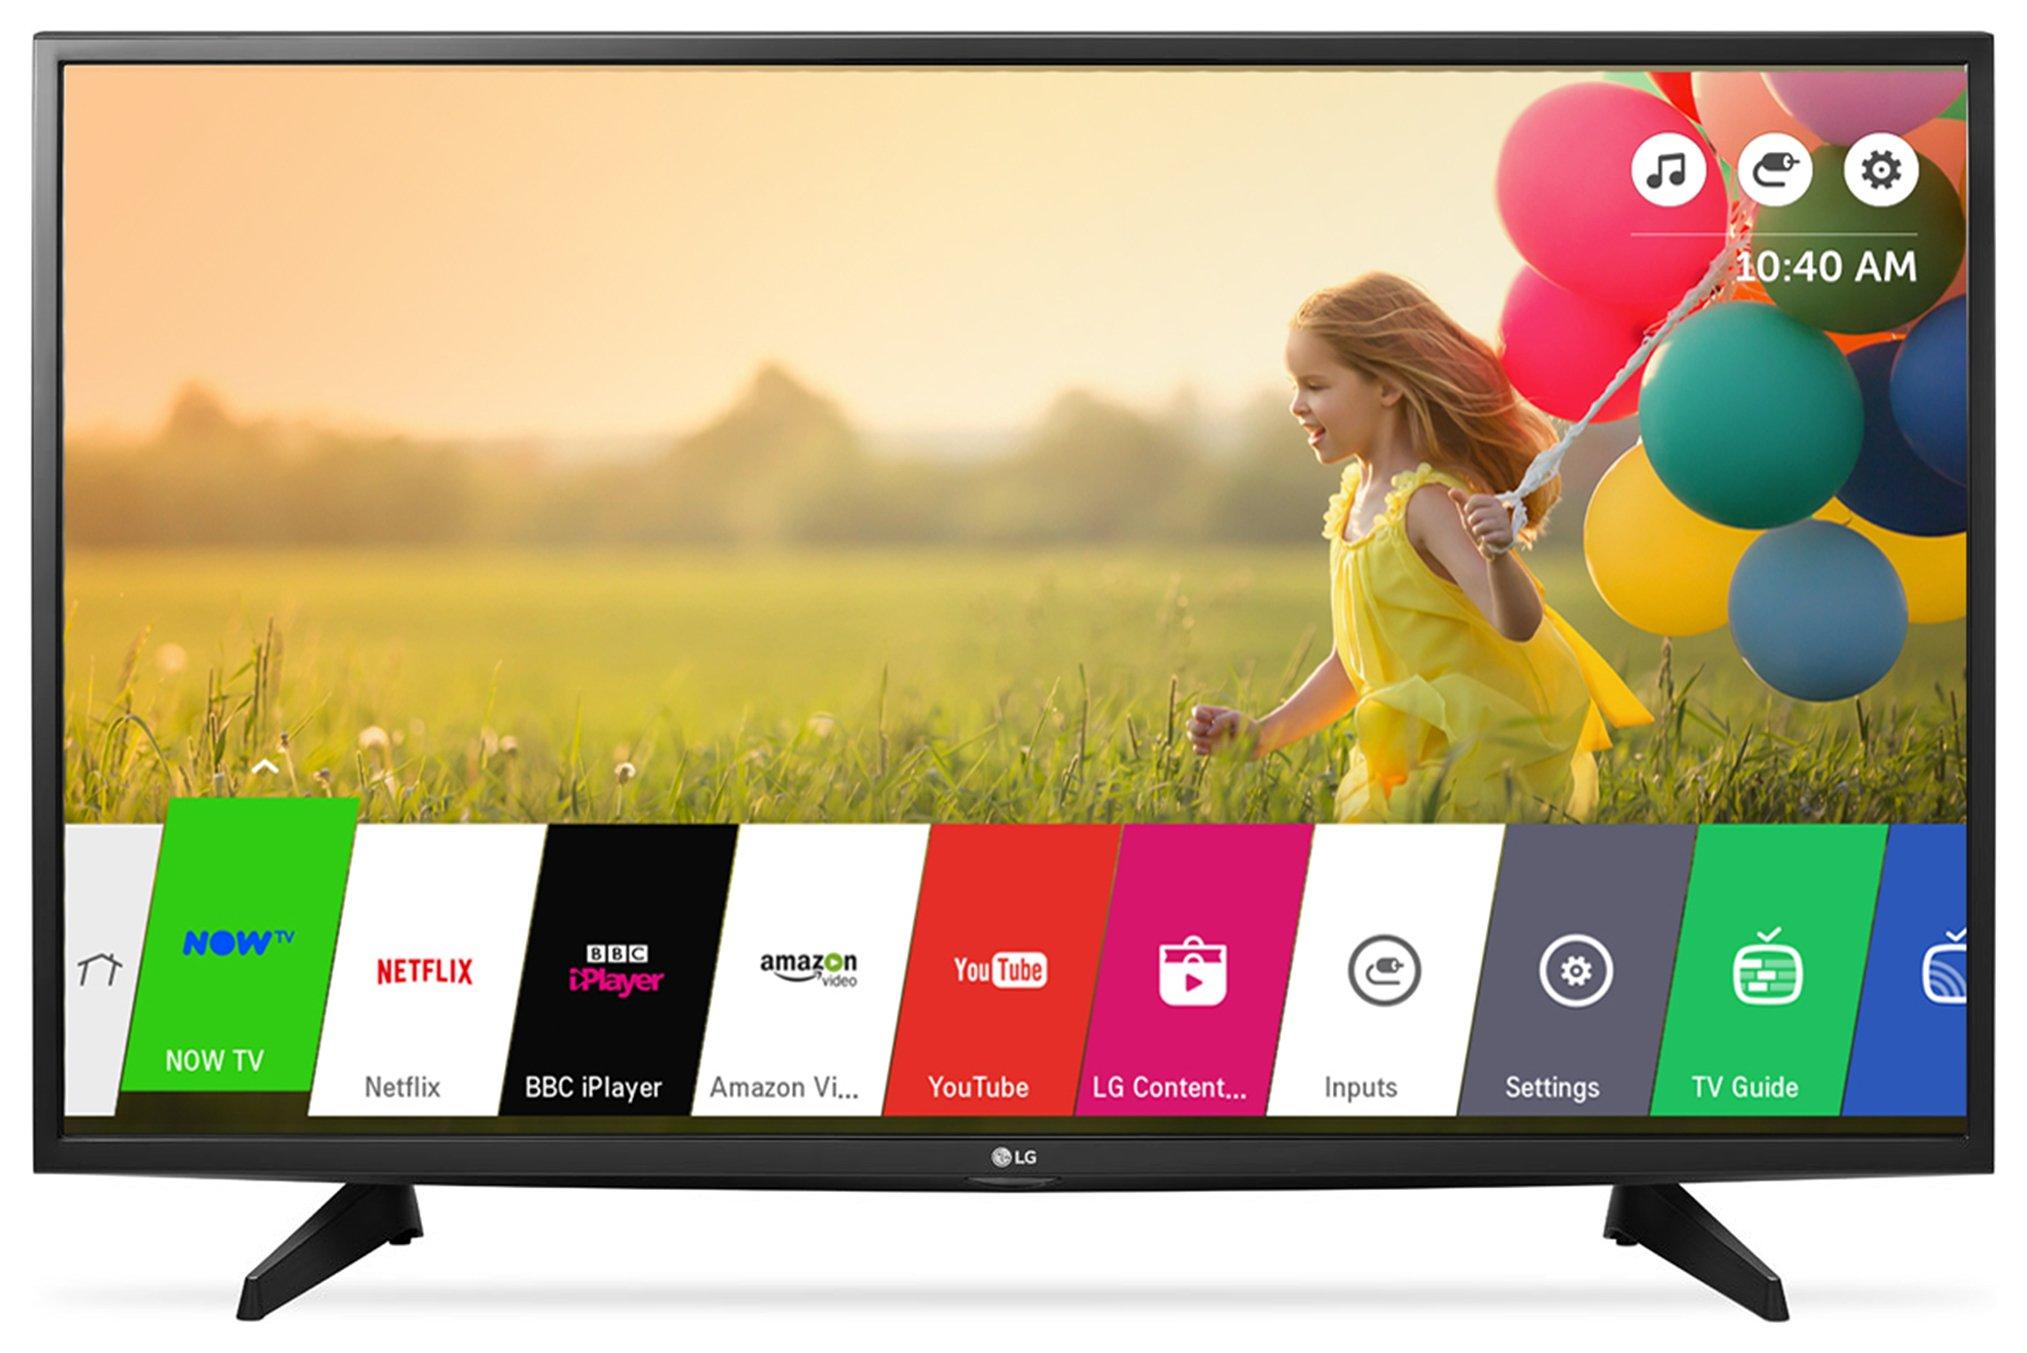 LG - 32 Inch - 32LH570U Smart LED TV. - Black